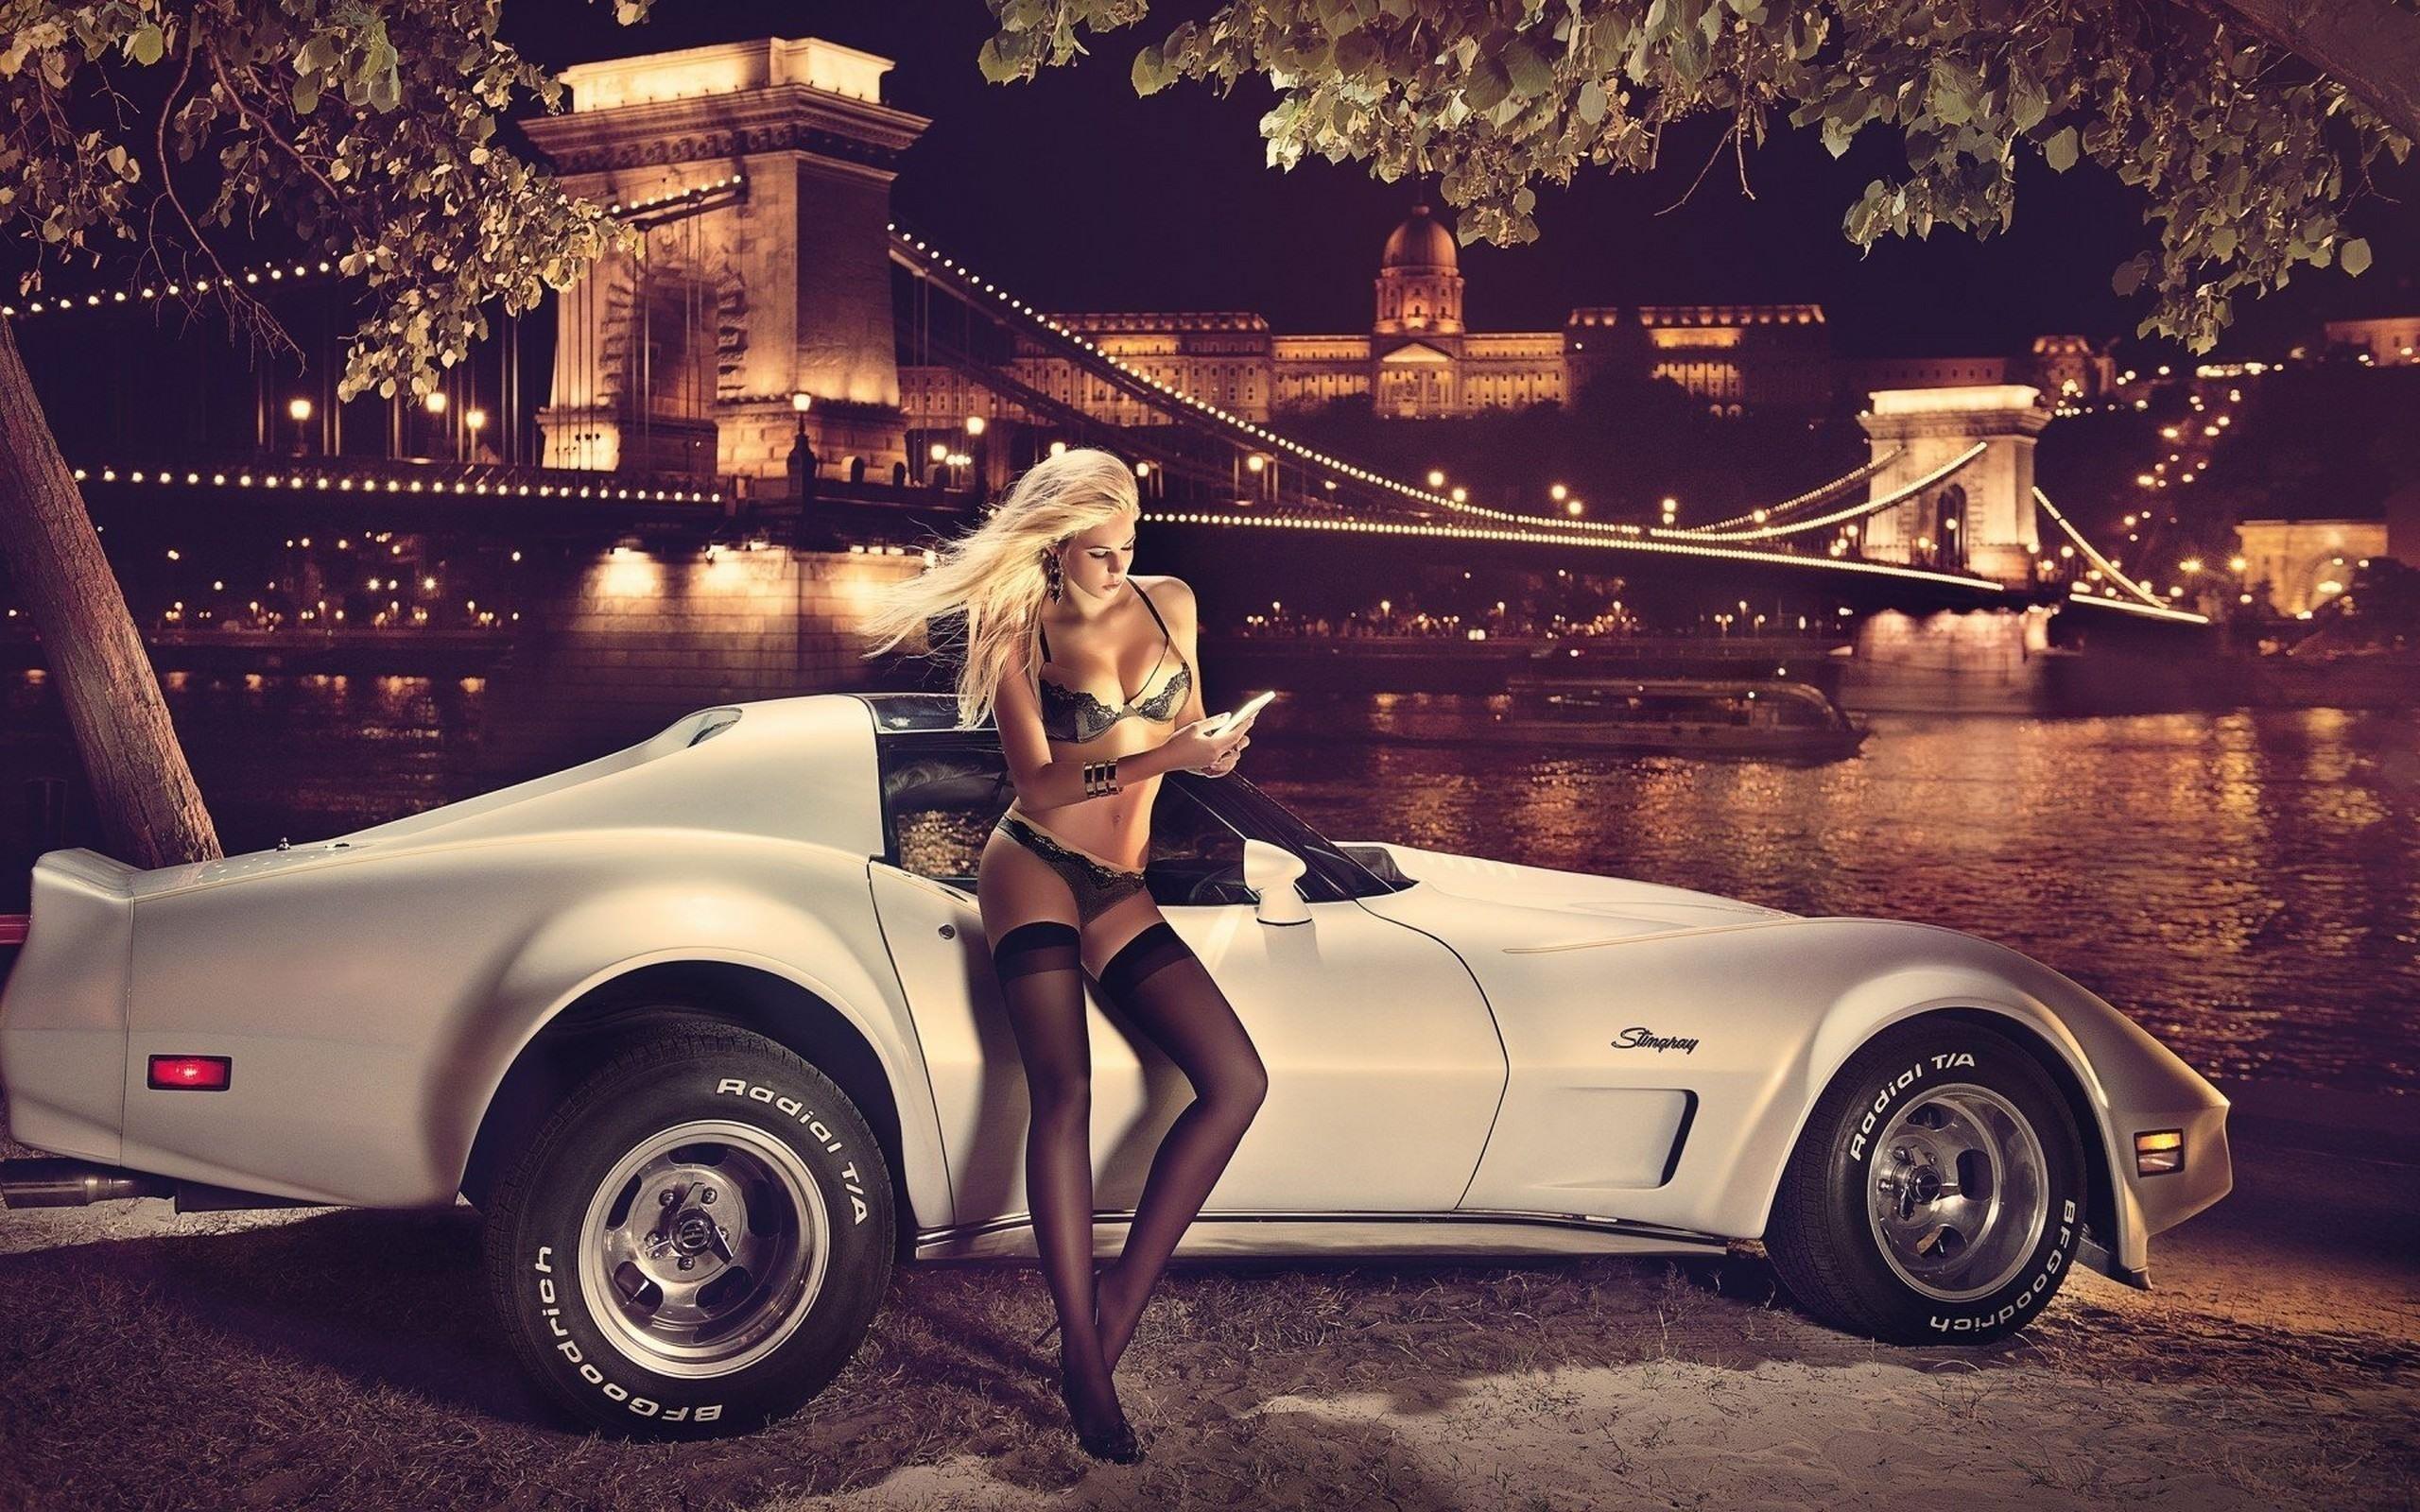 Фото Сексуальная блондинка, раритетный белый спорт кар, ночь, город, река, мост, скачать картинку бесплатно